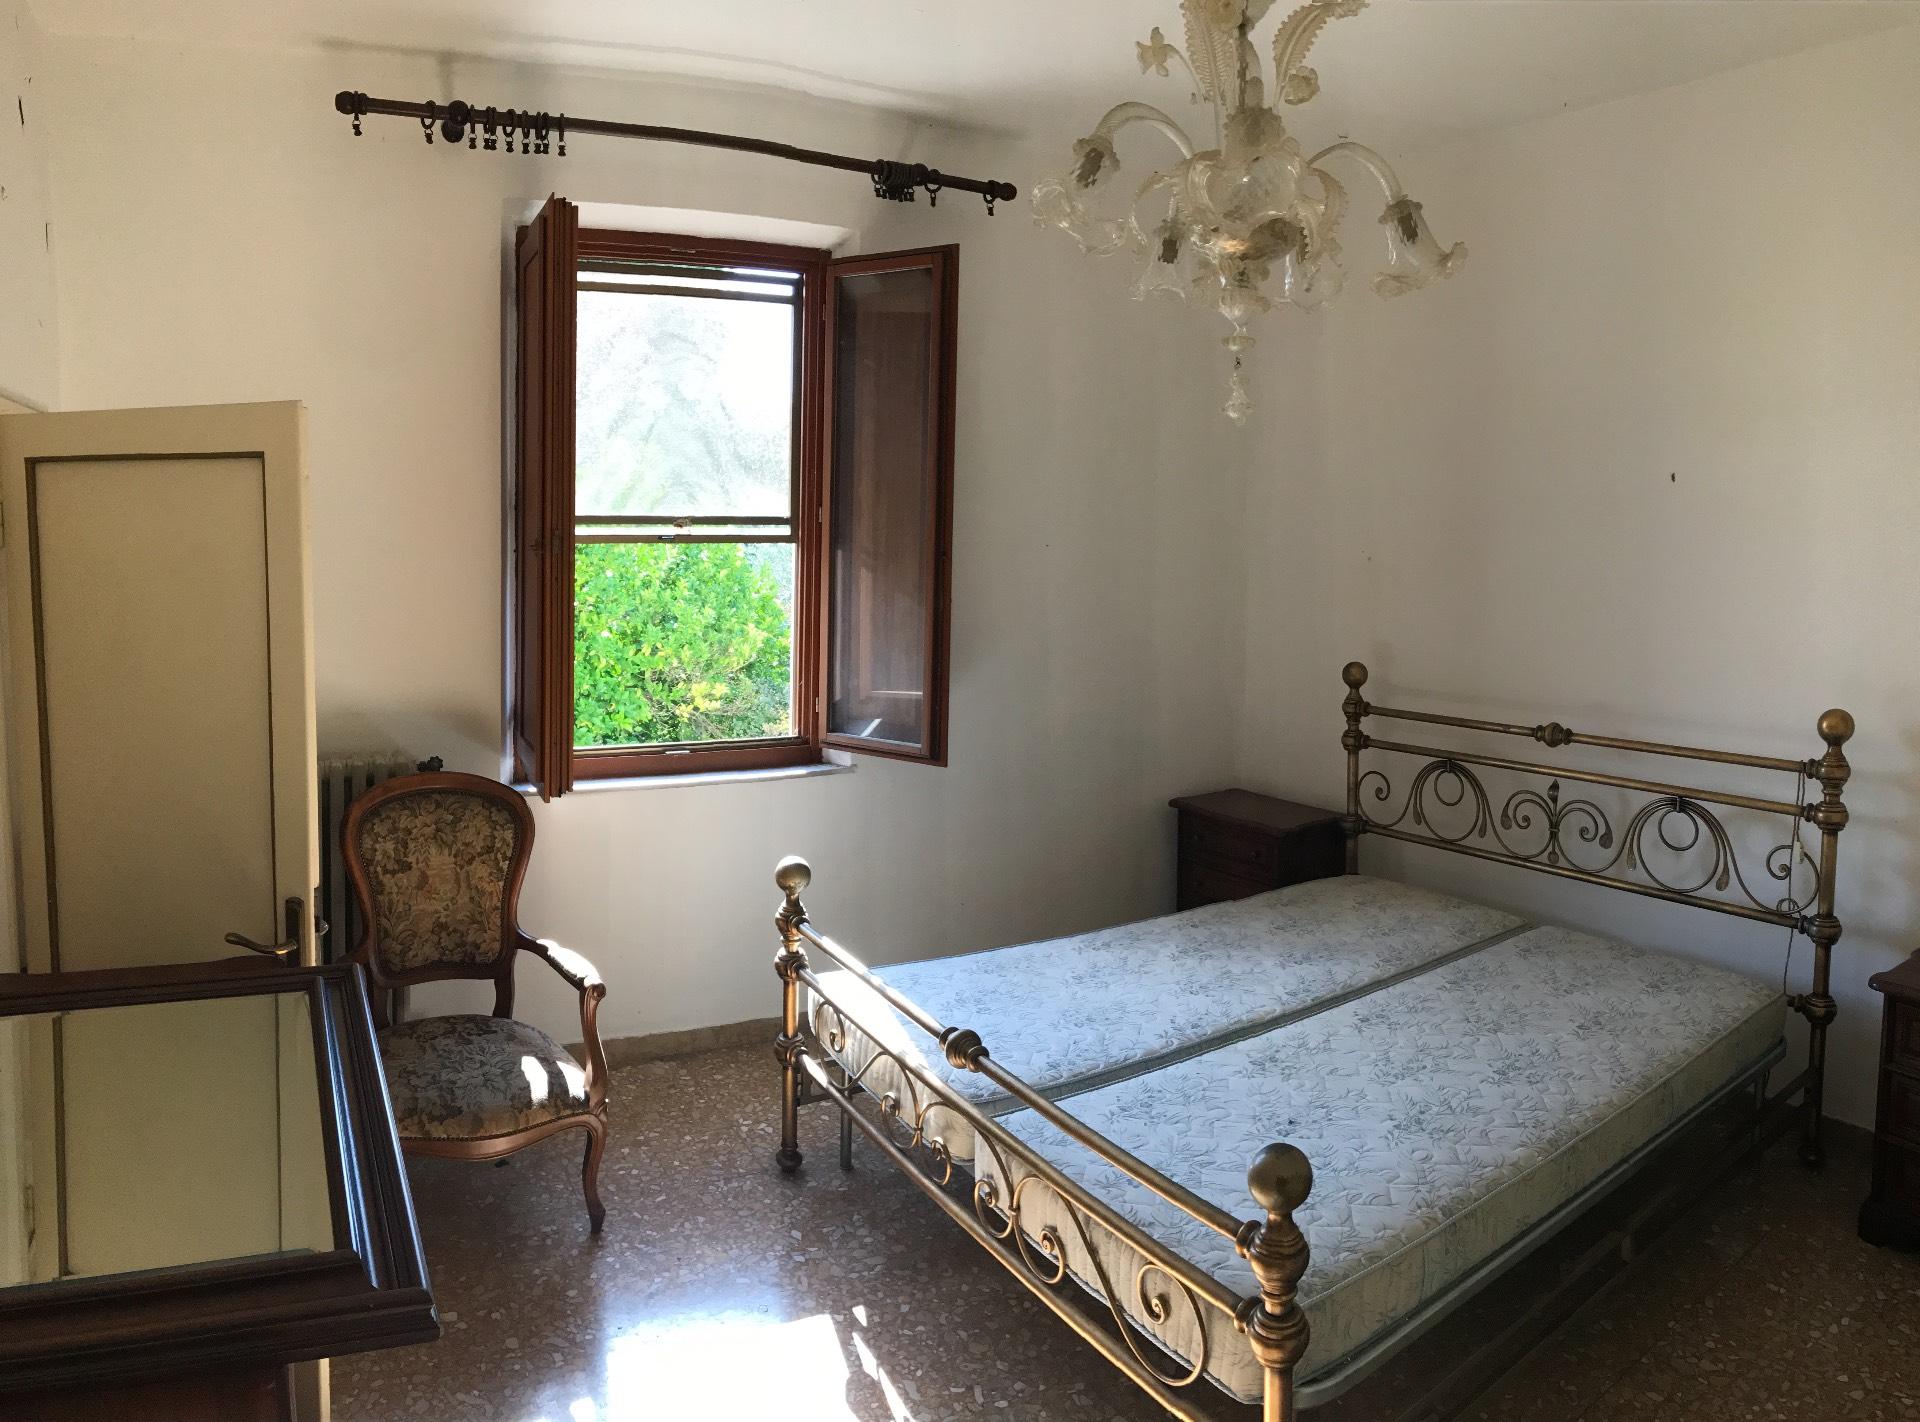 Soluzione Indipendente in vendita a Pisa, 4 locali, prezzo € 180.000 | CambioCasa.it